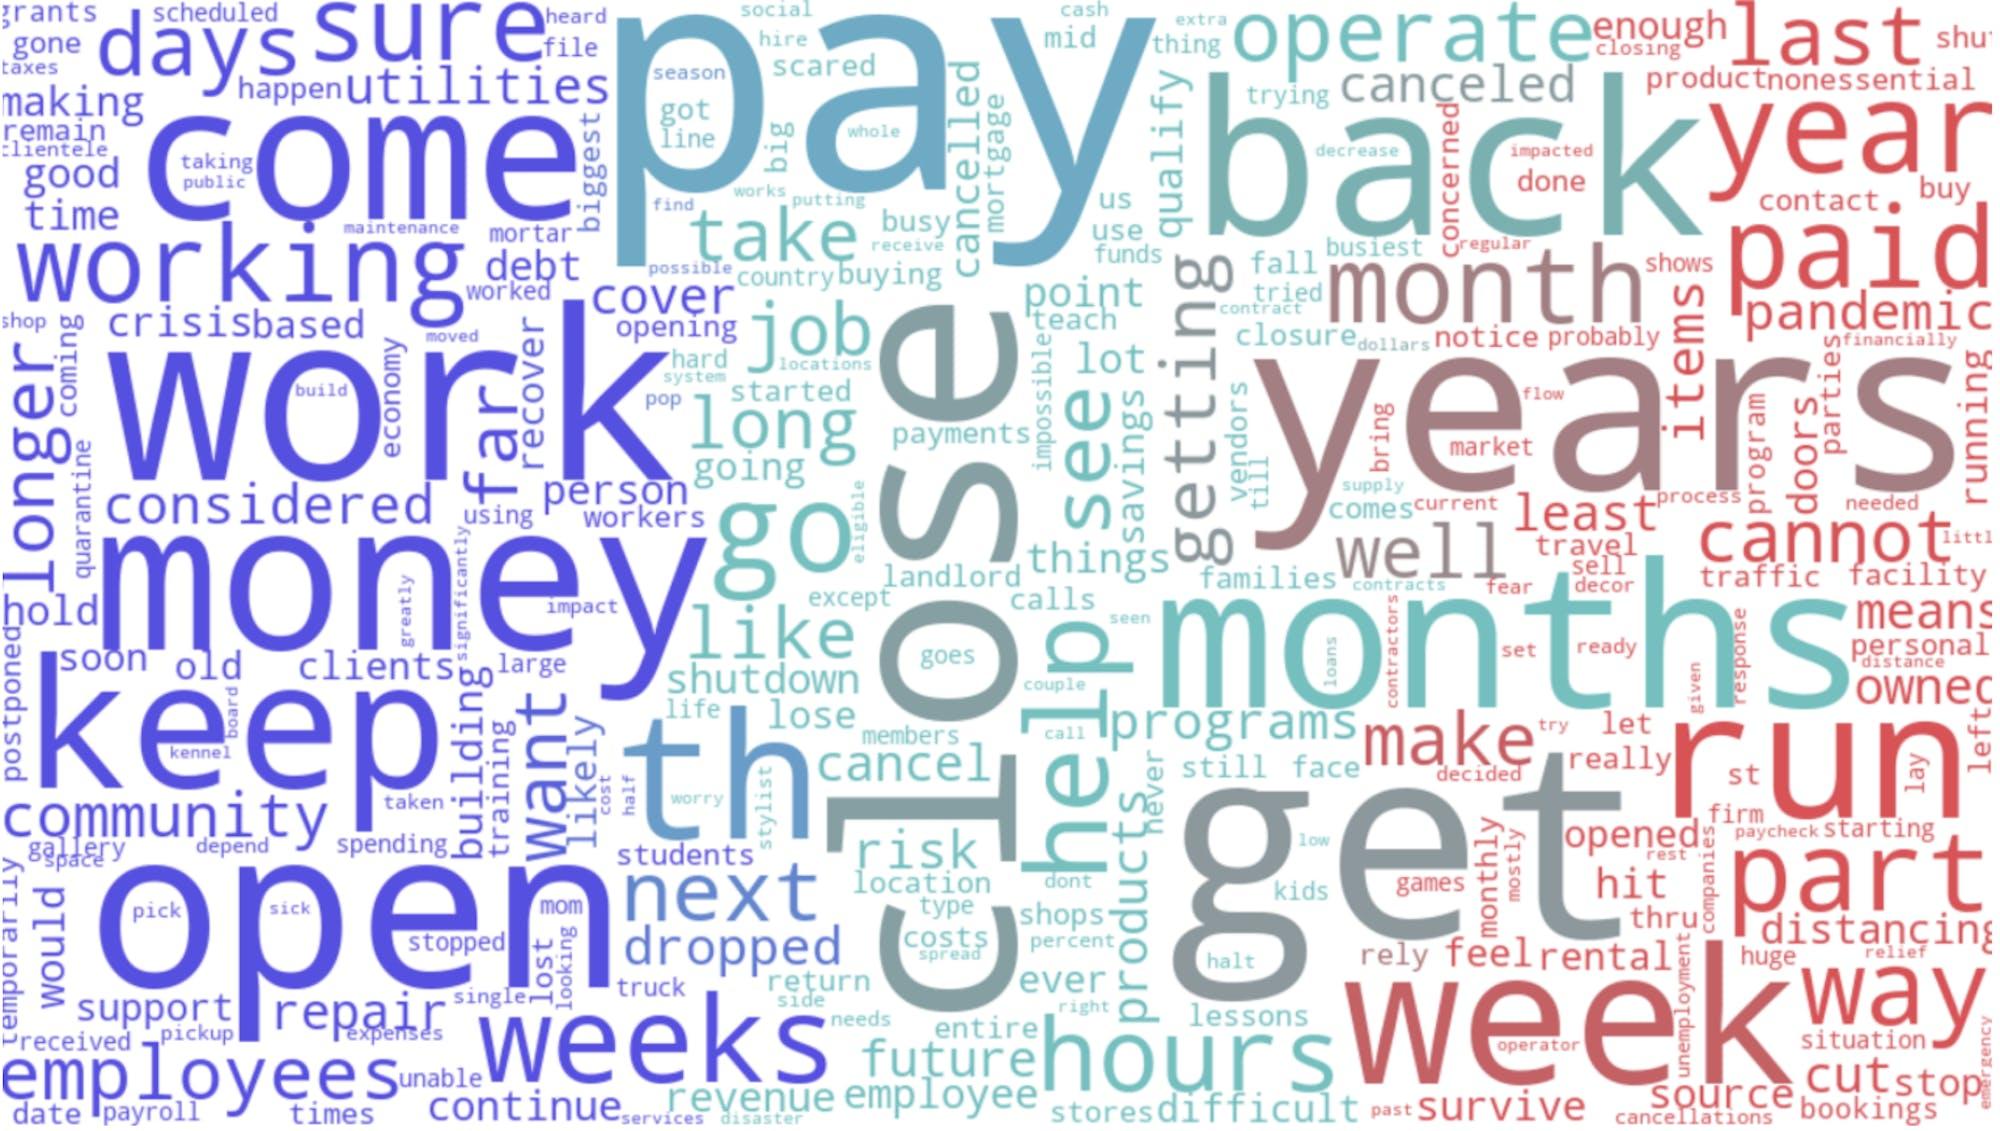 screen-shot-2020-05-07-at-8-59-12-am